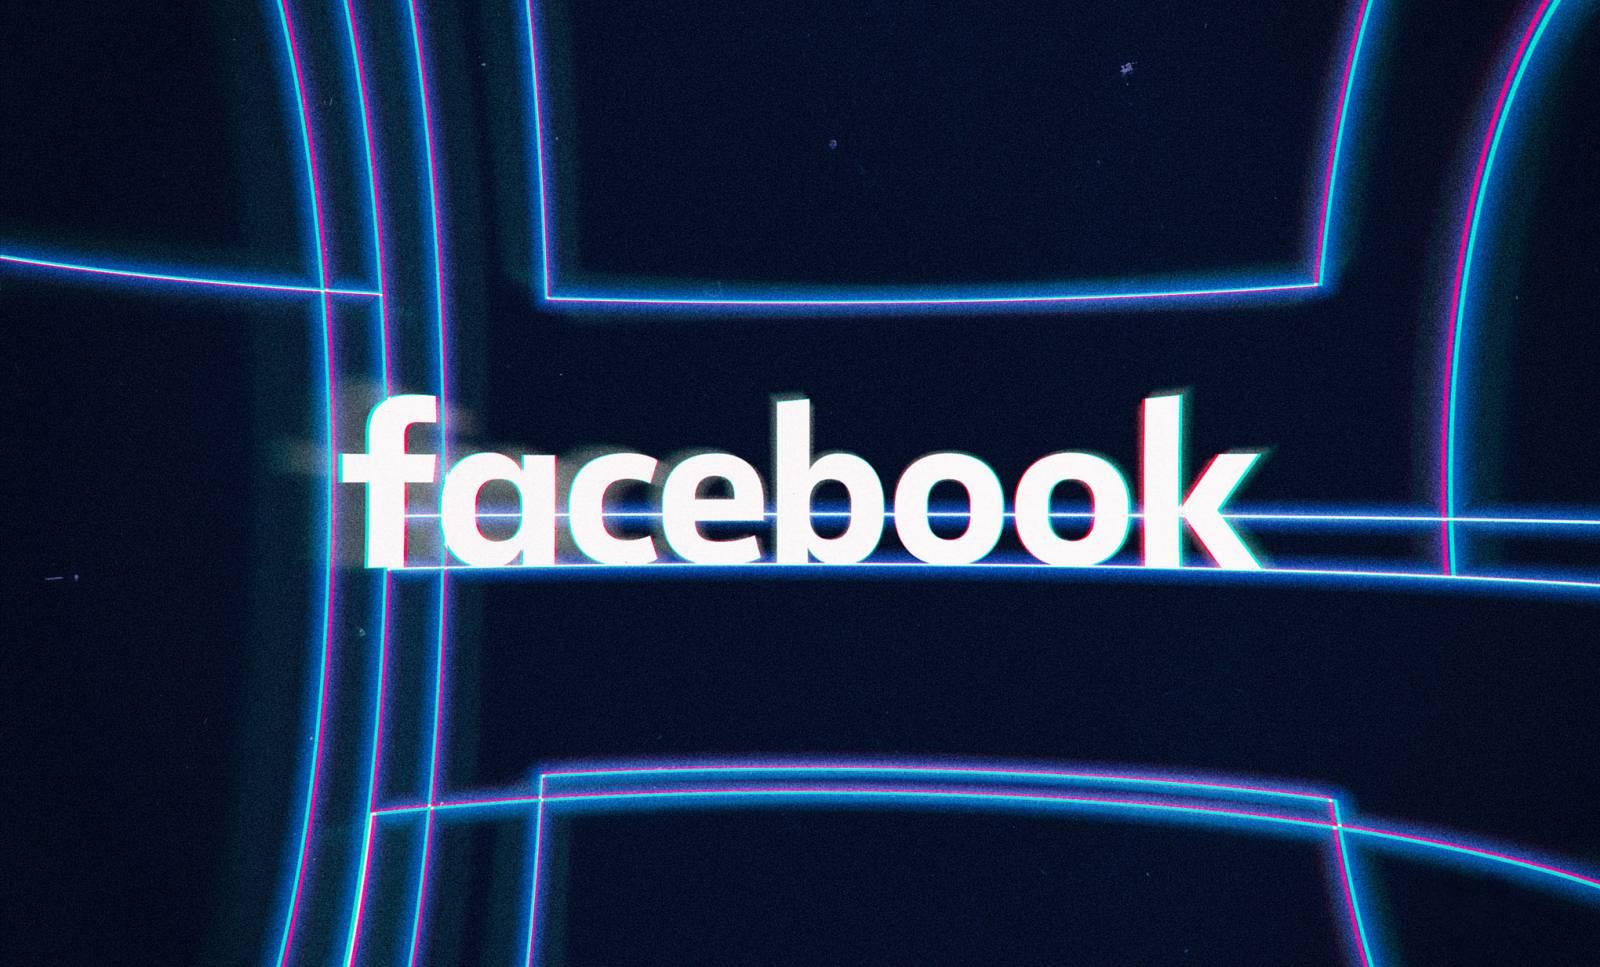 Facebook nou design lansat saptamana viitoare